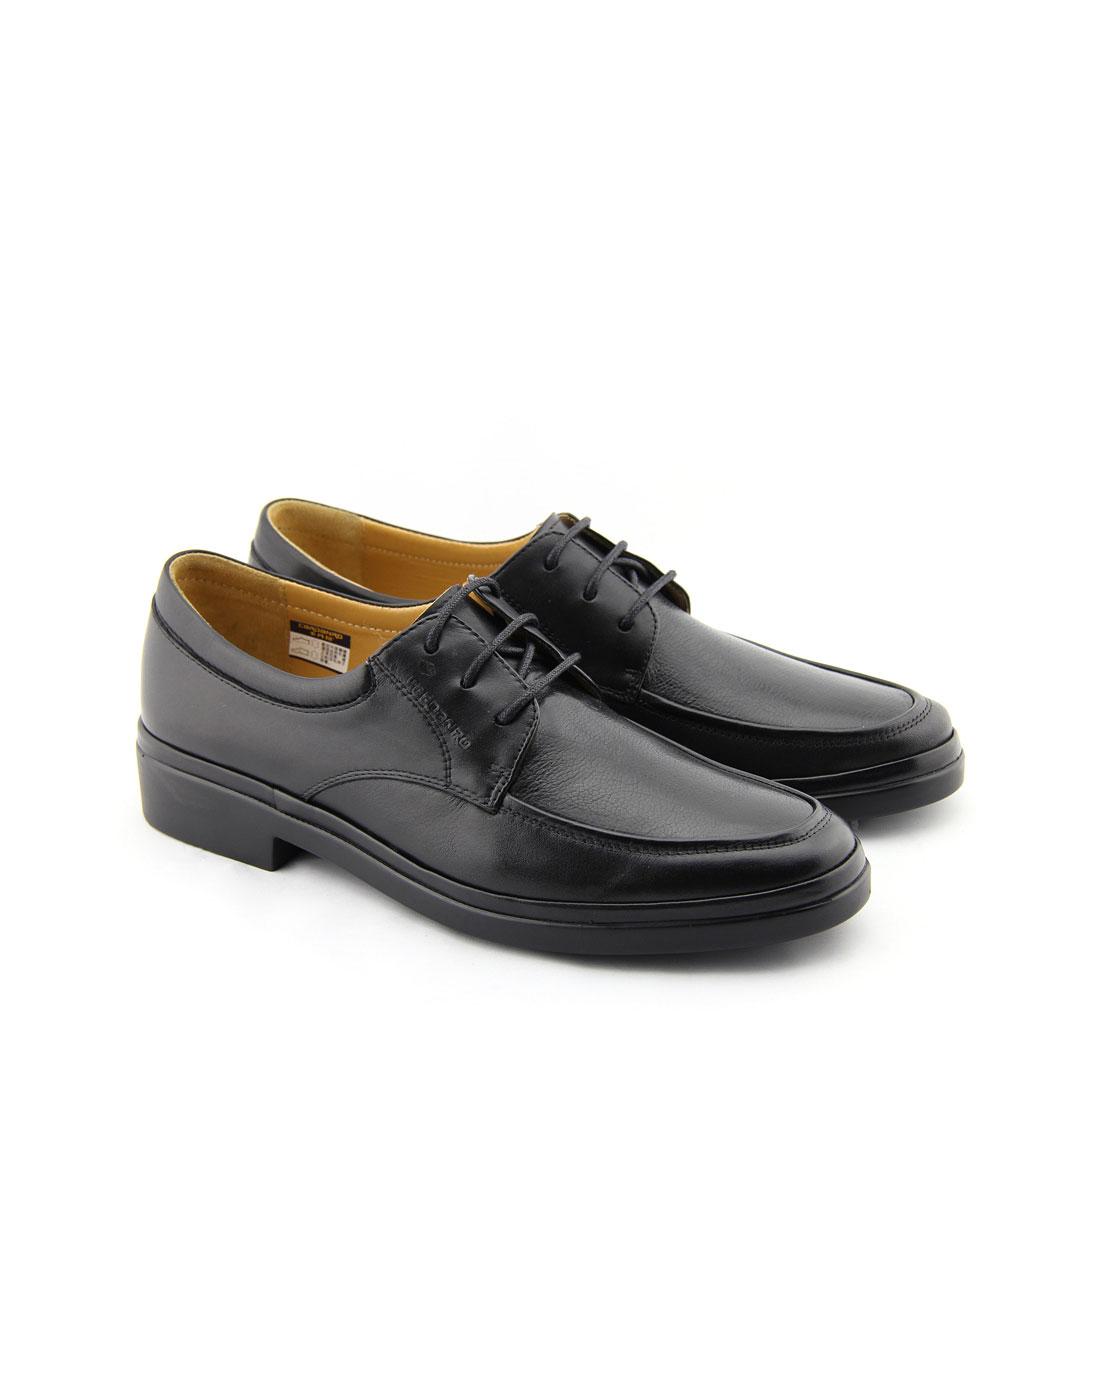 款黑色皮鞋j344051